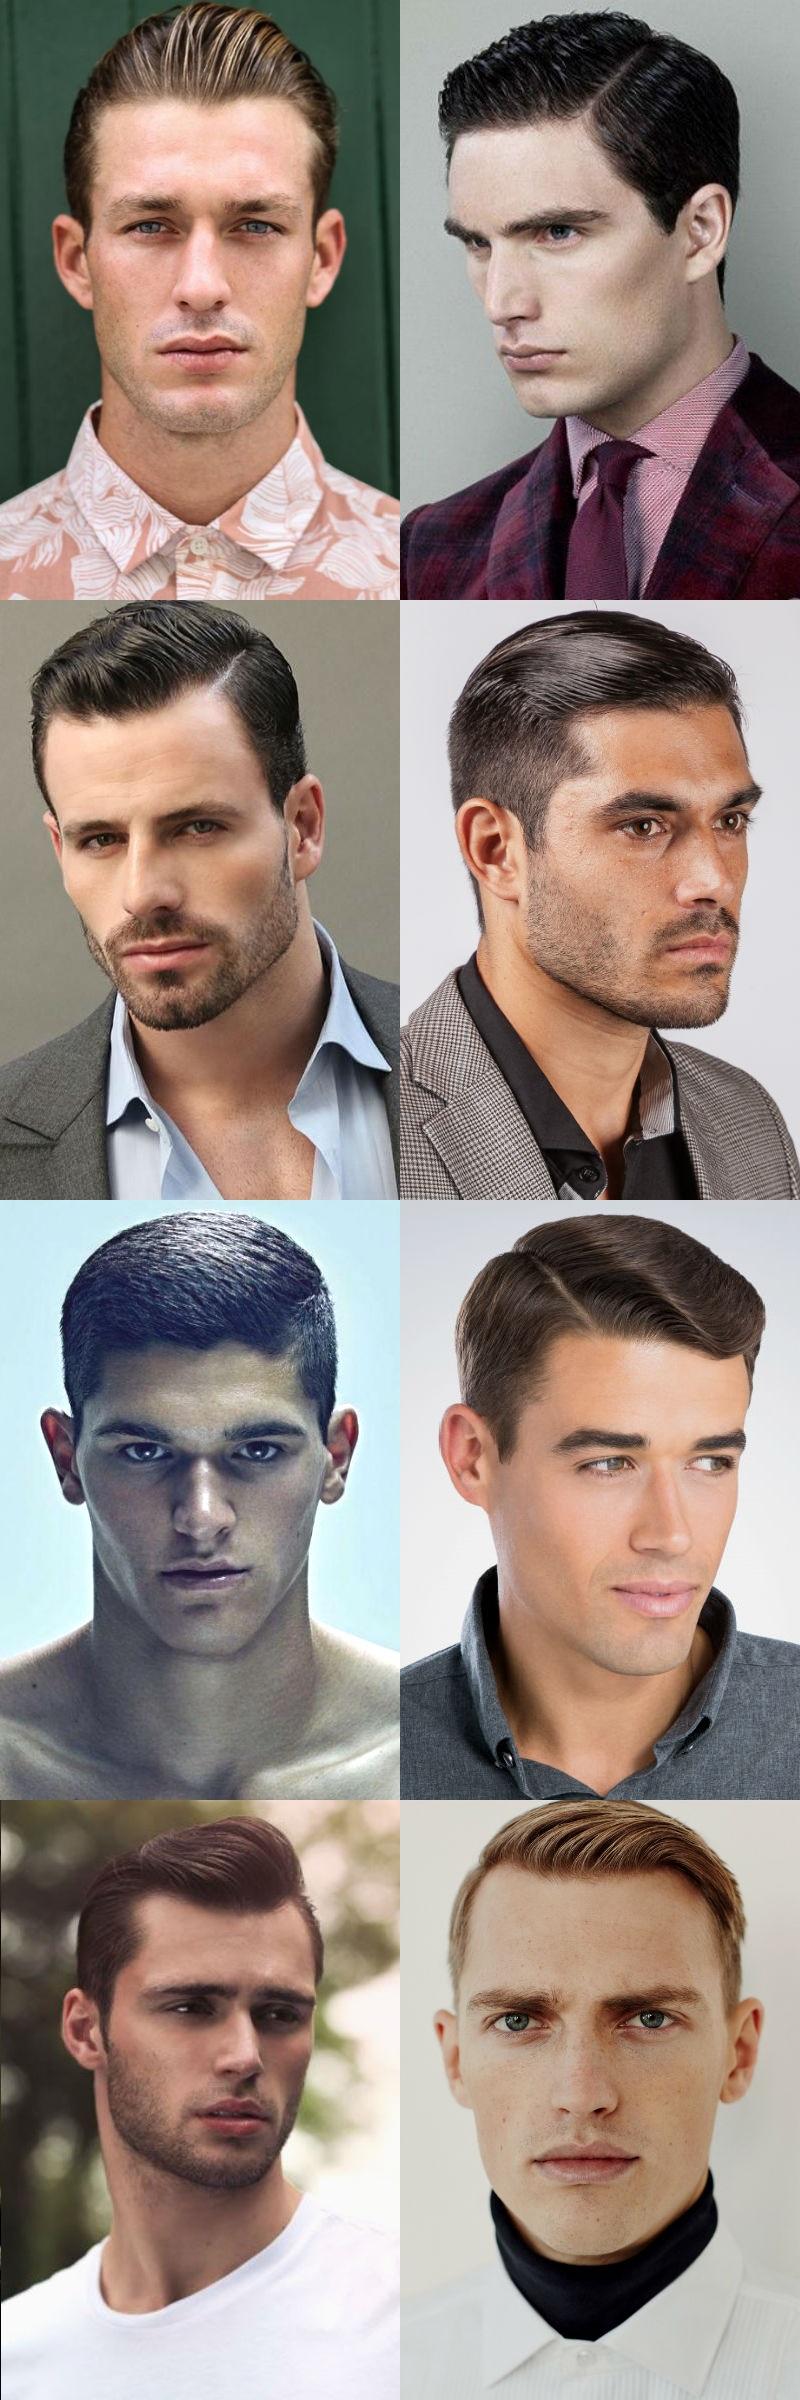 homem-no-espelho-cortes-de-cabelo-masculinos-2017-classicos